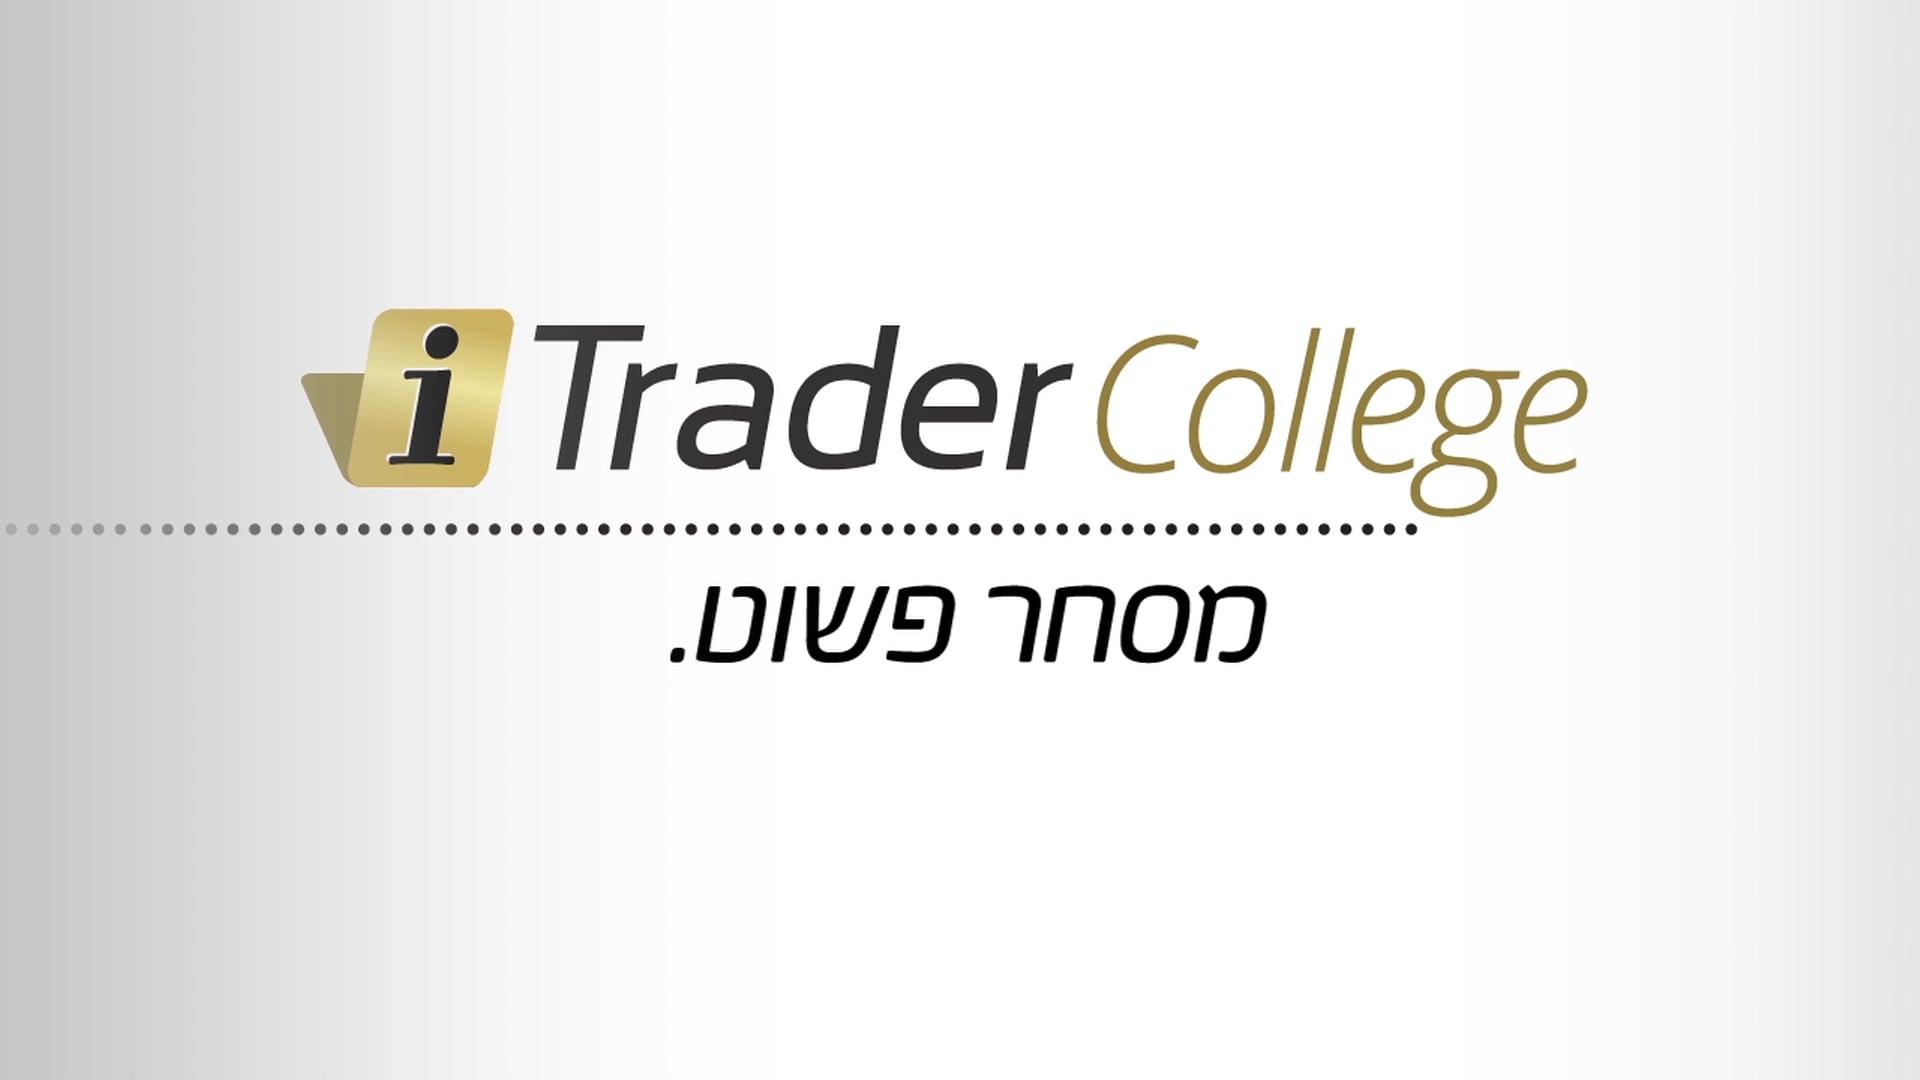 TraderCollege